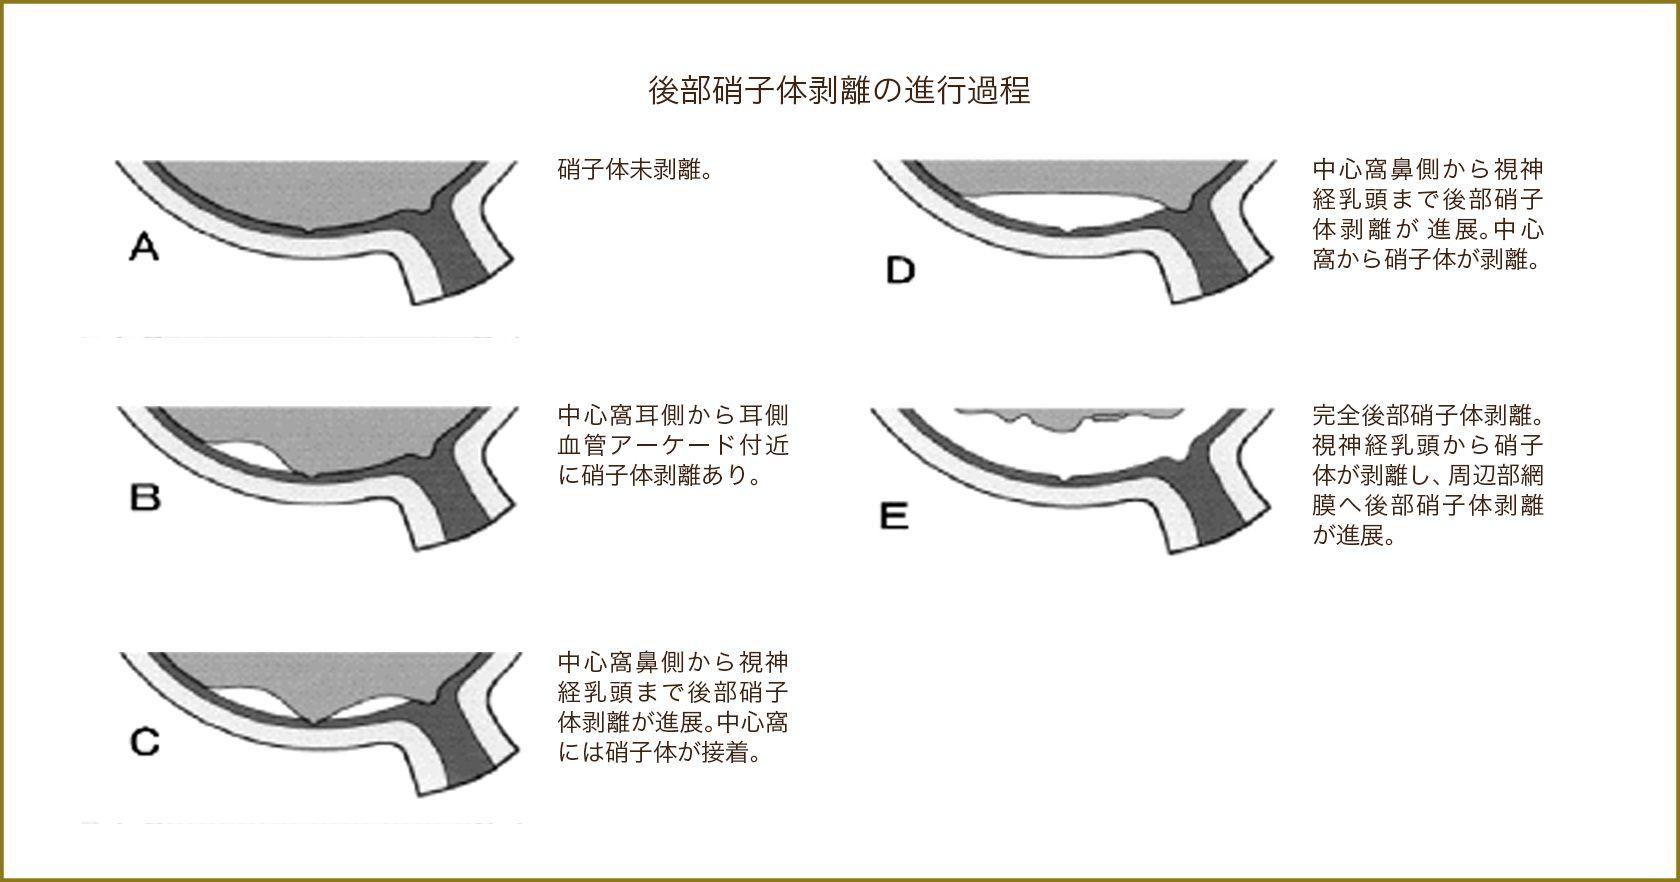 後部硝子体剥離の進行過程